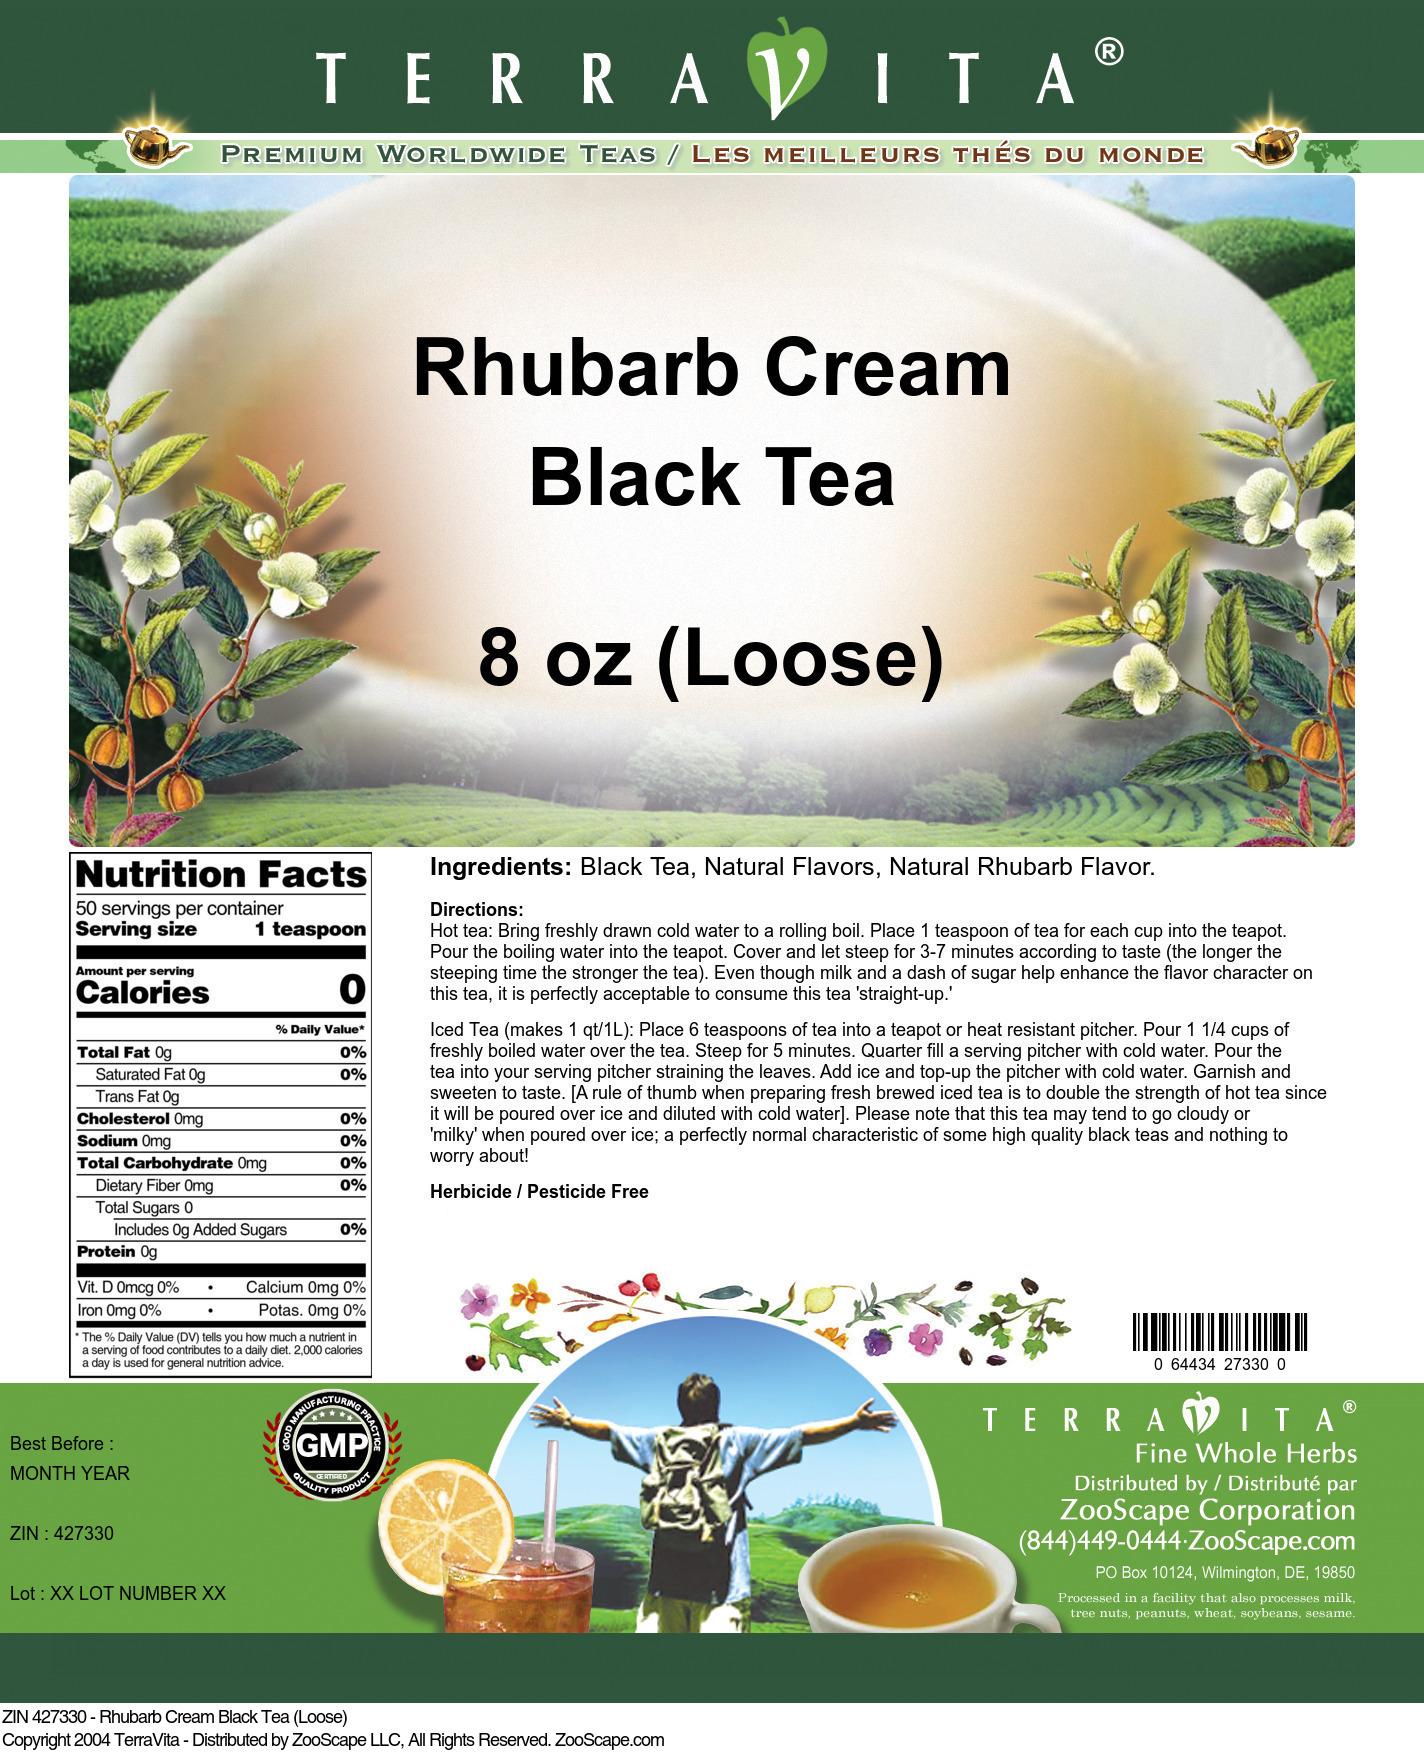 Rhubarb Cream Black Tea (Loose)